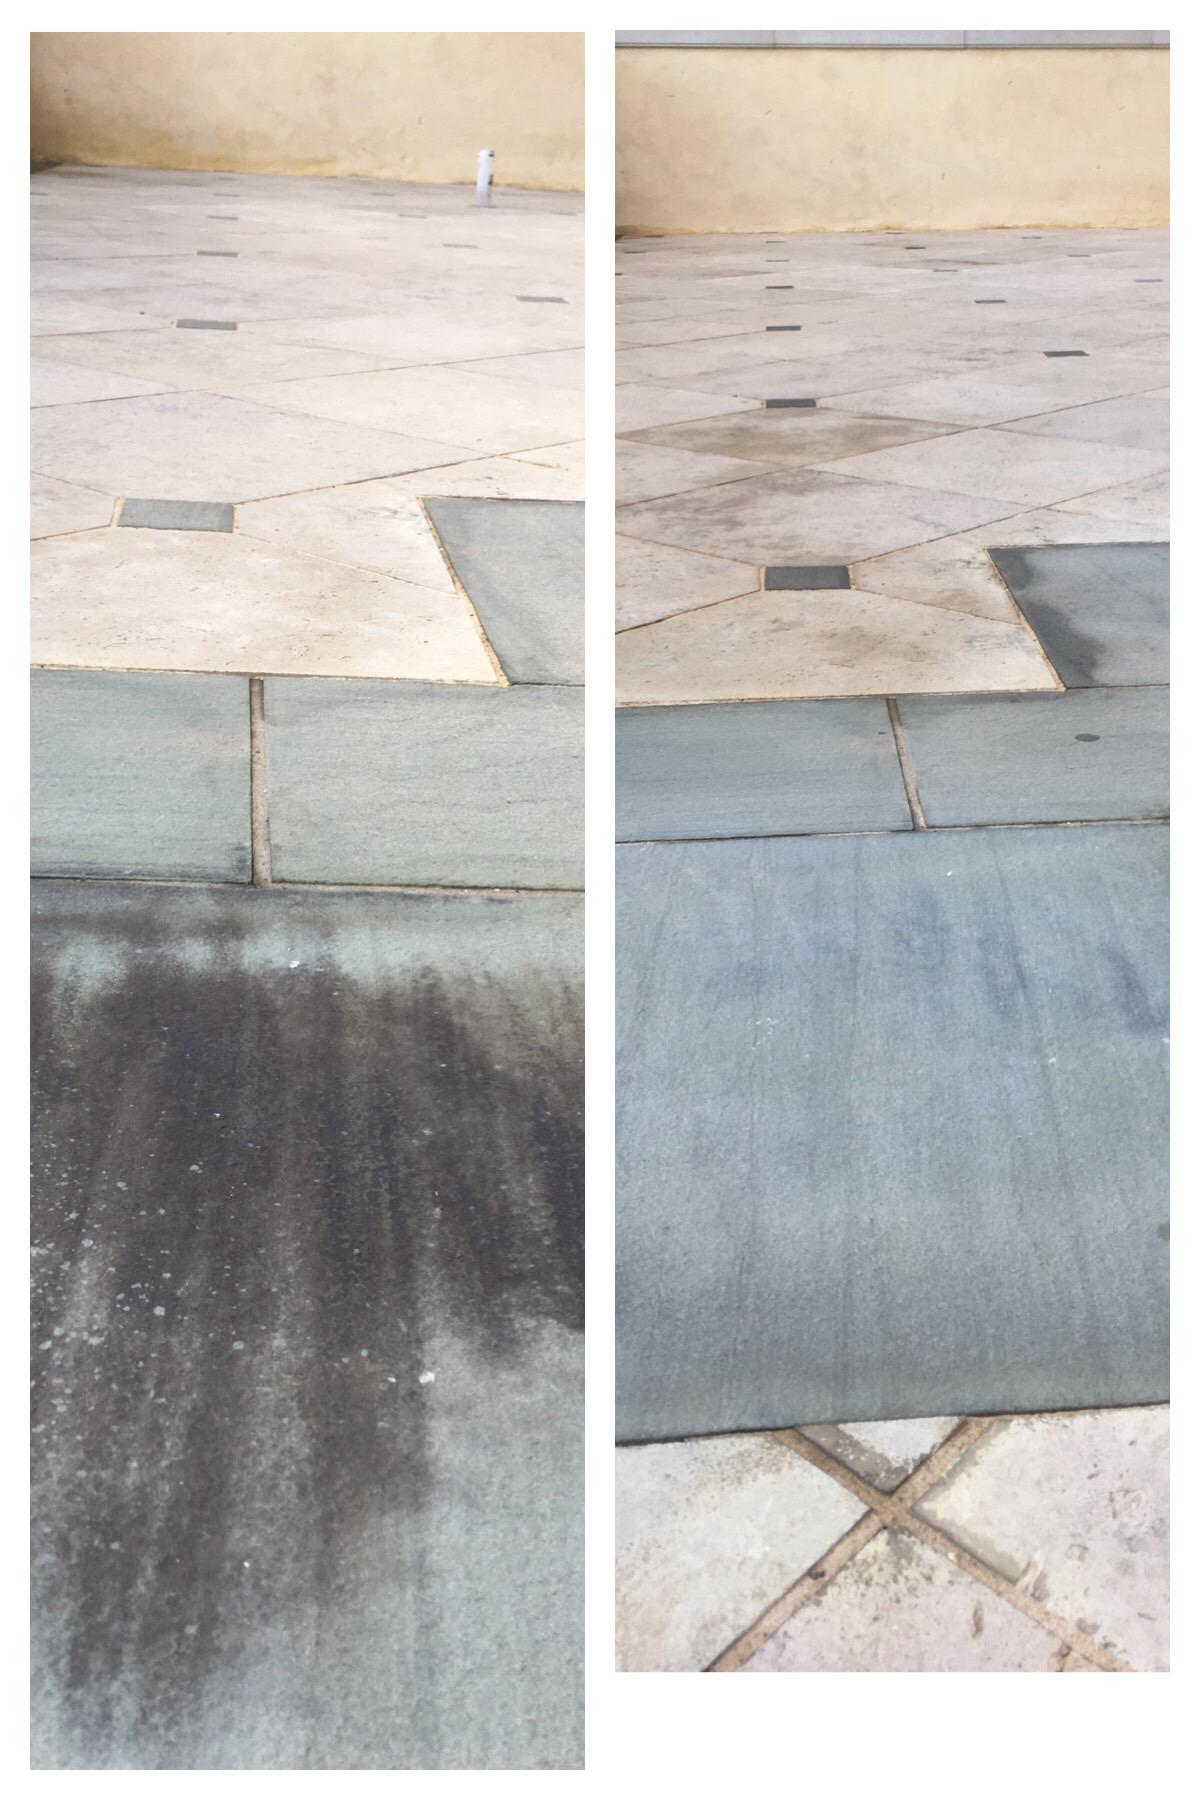 Copper stain removal Dallas